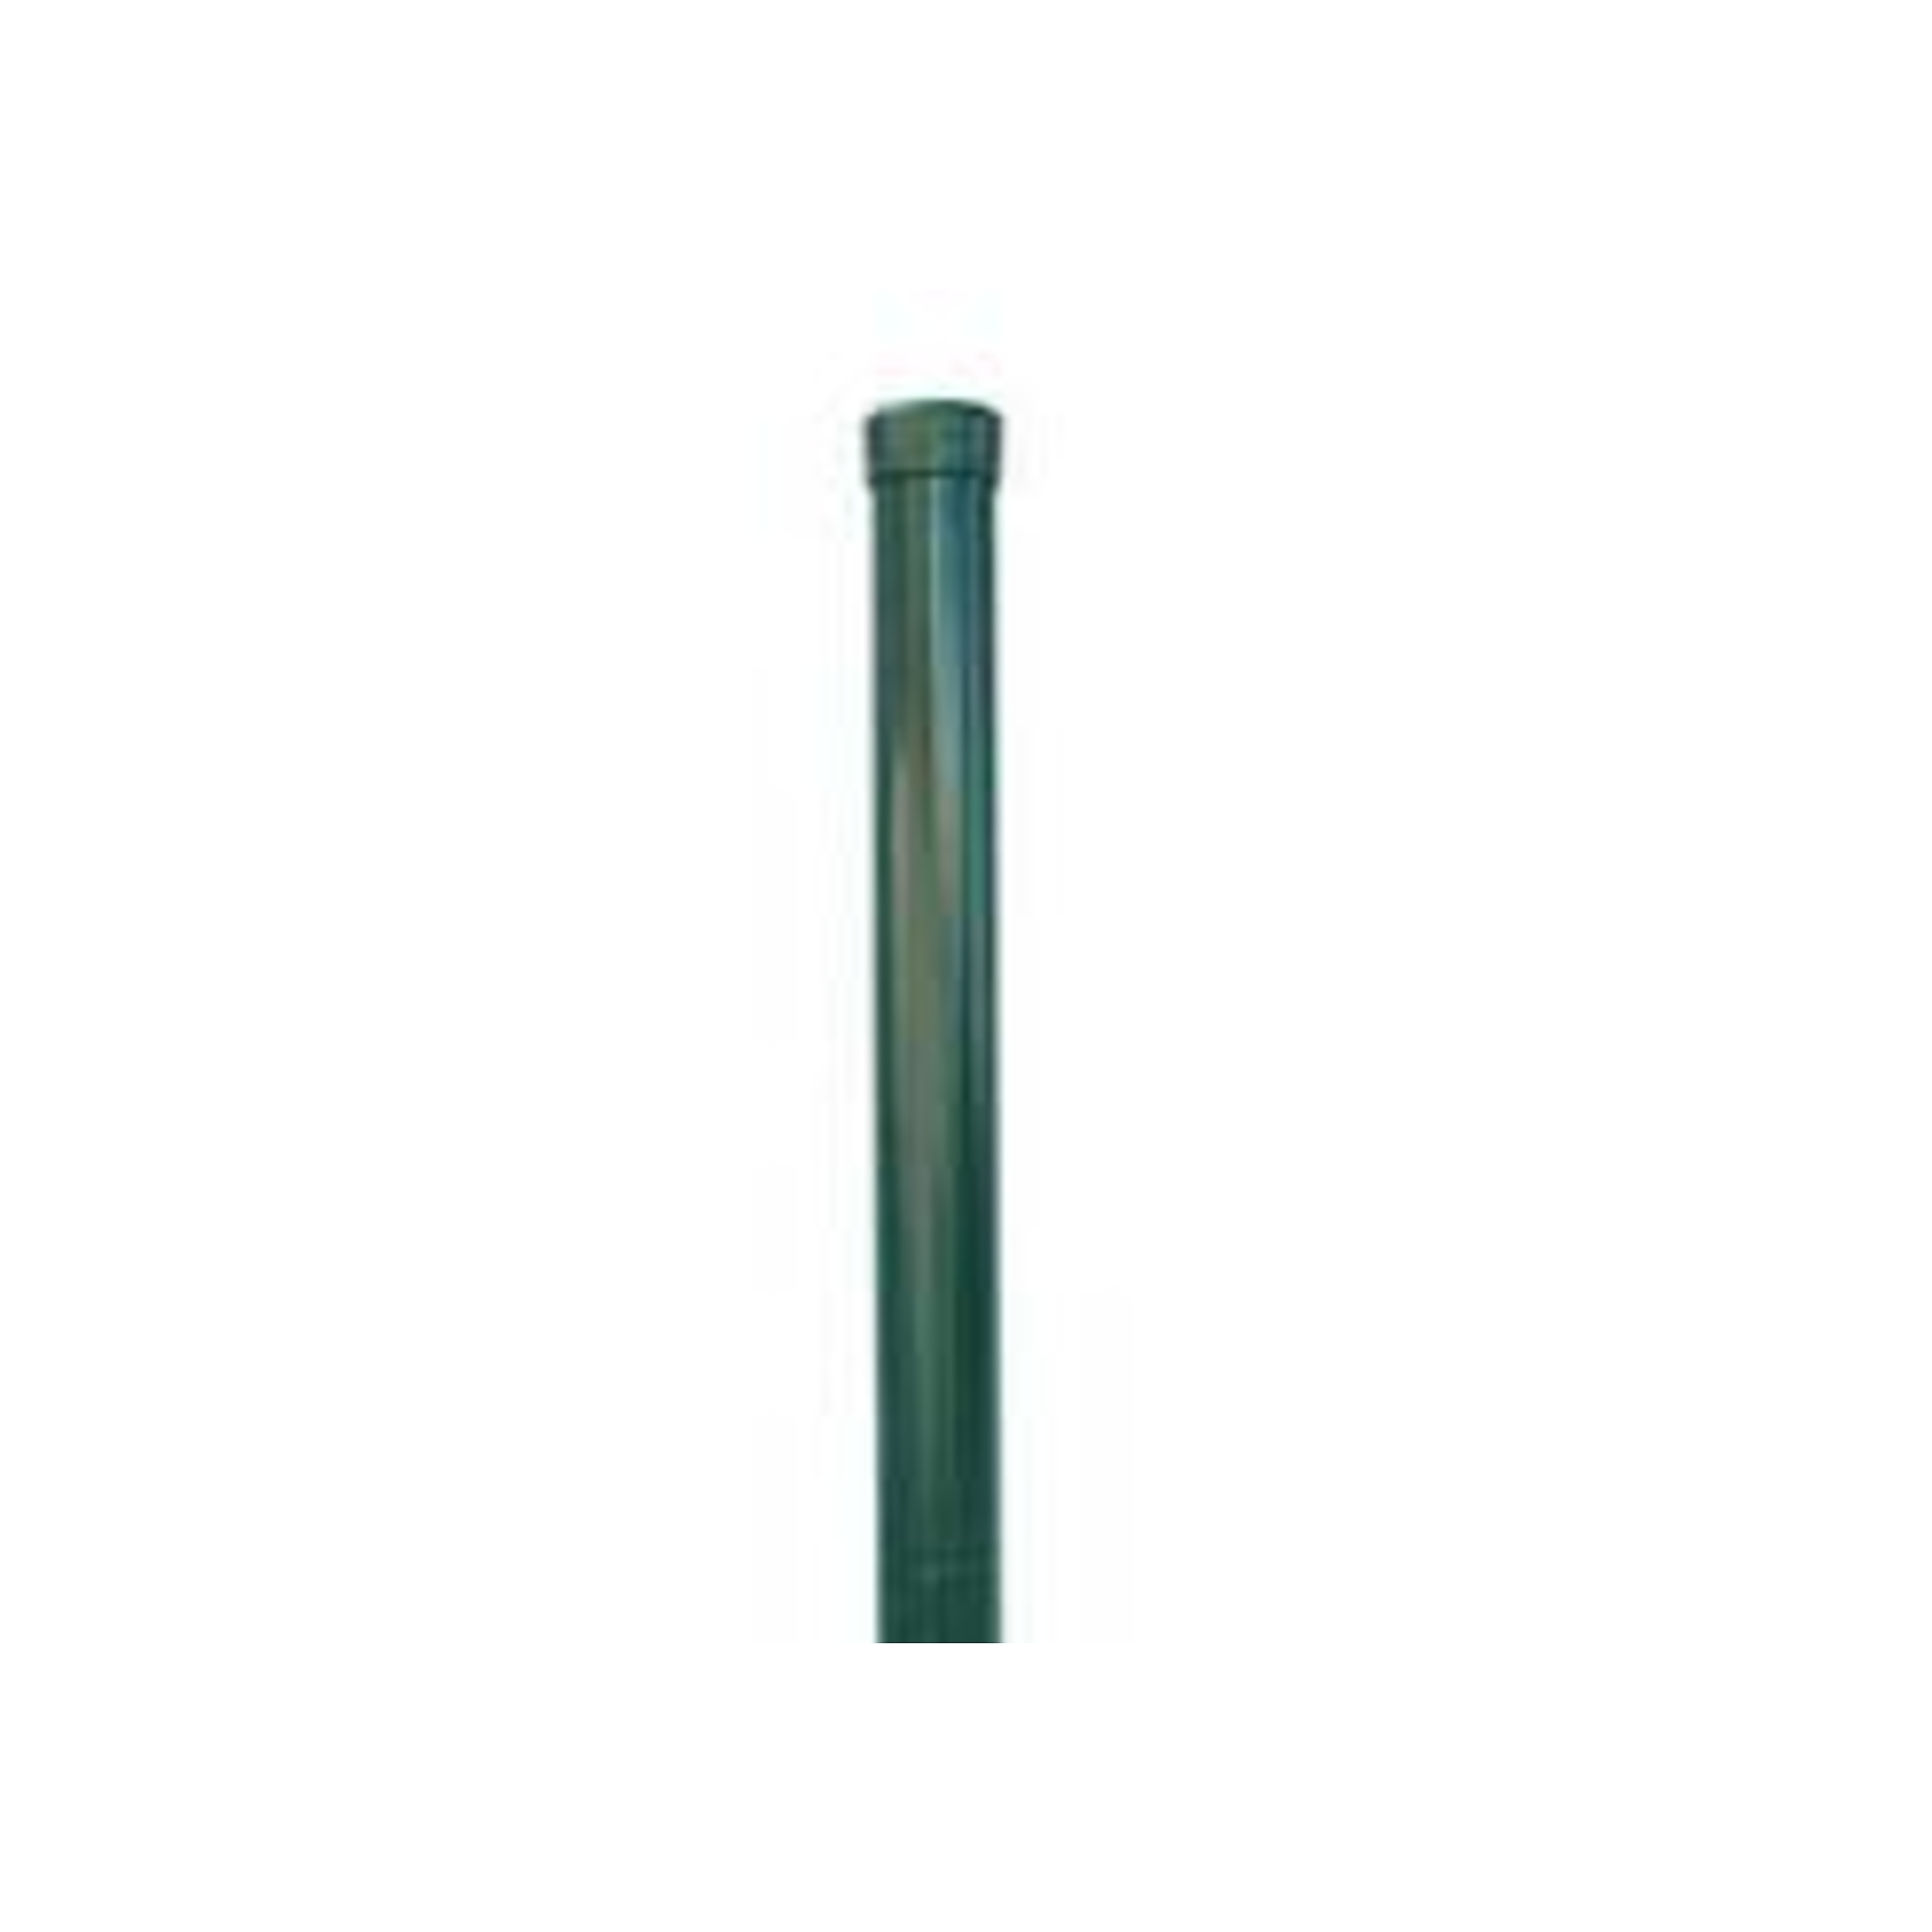 BPL oszlop 2400mm 38mm átmérő talp nélkül RAL6005